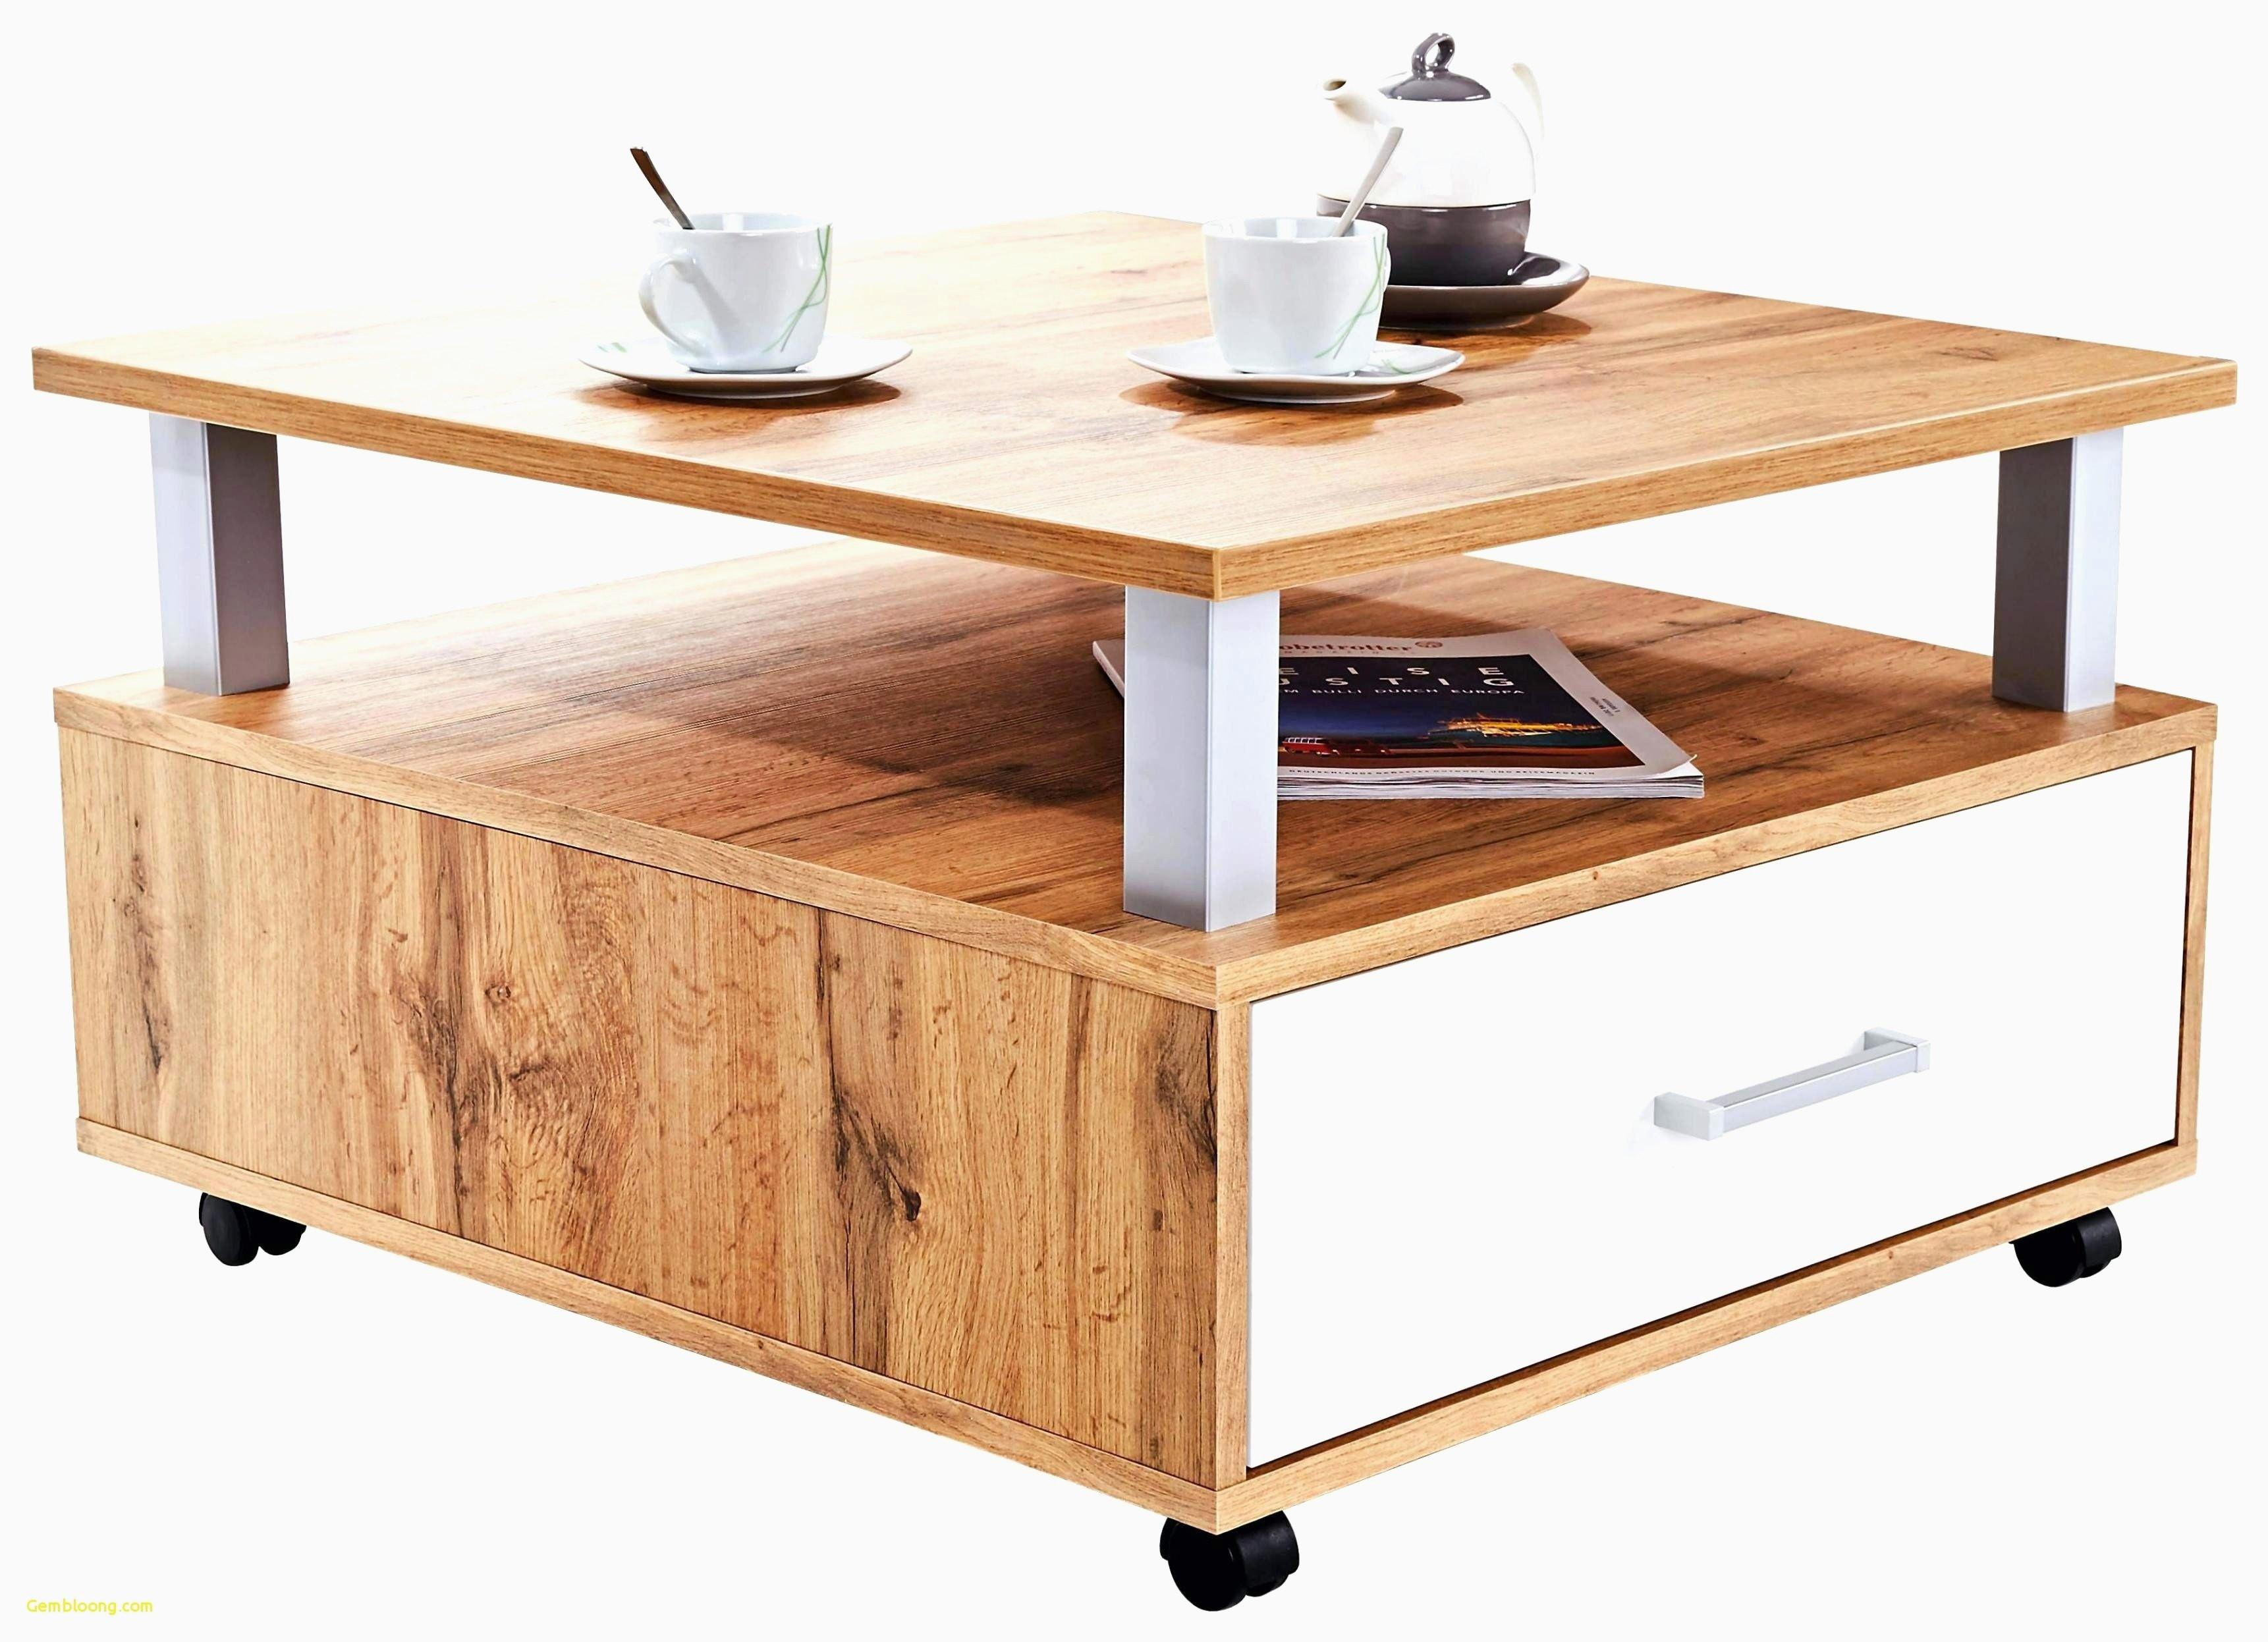 Ebay Kleinanzeigen Tisch  Ebay Kleinanzeigen Gartentisch Schön 34 Das Beste Von